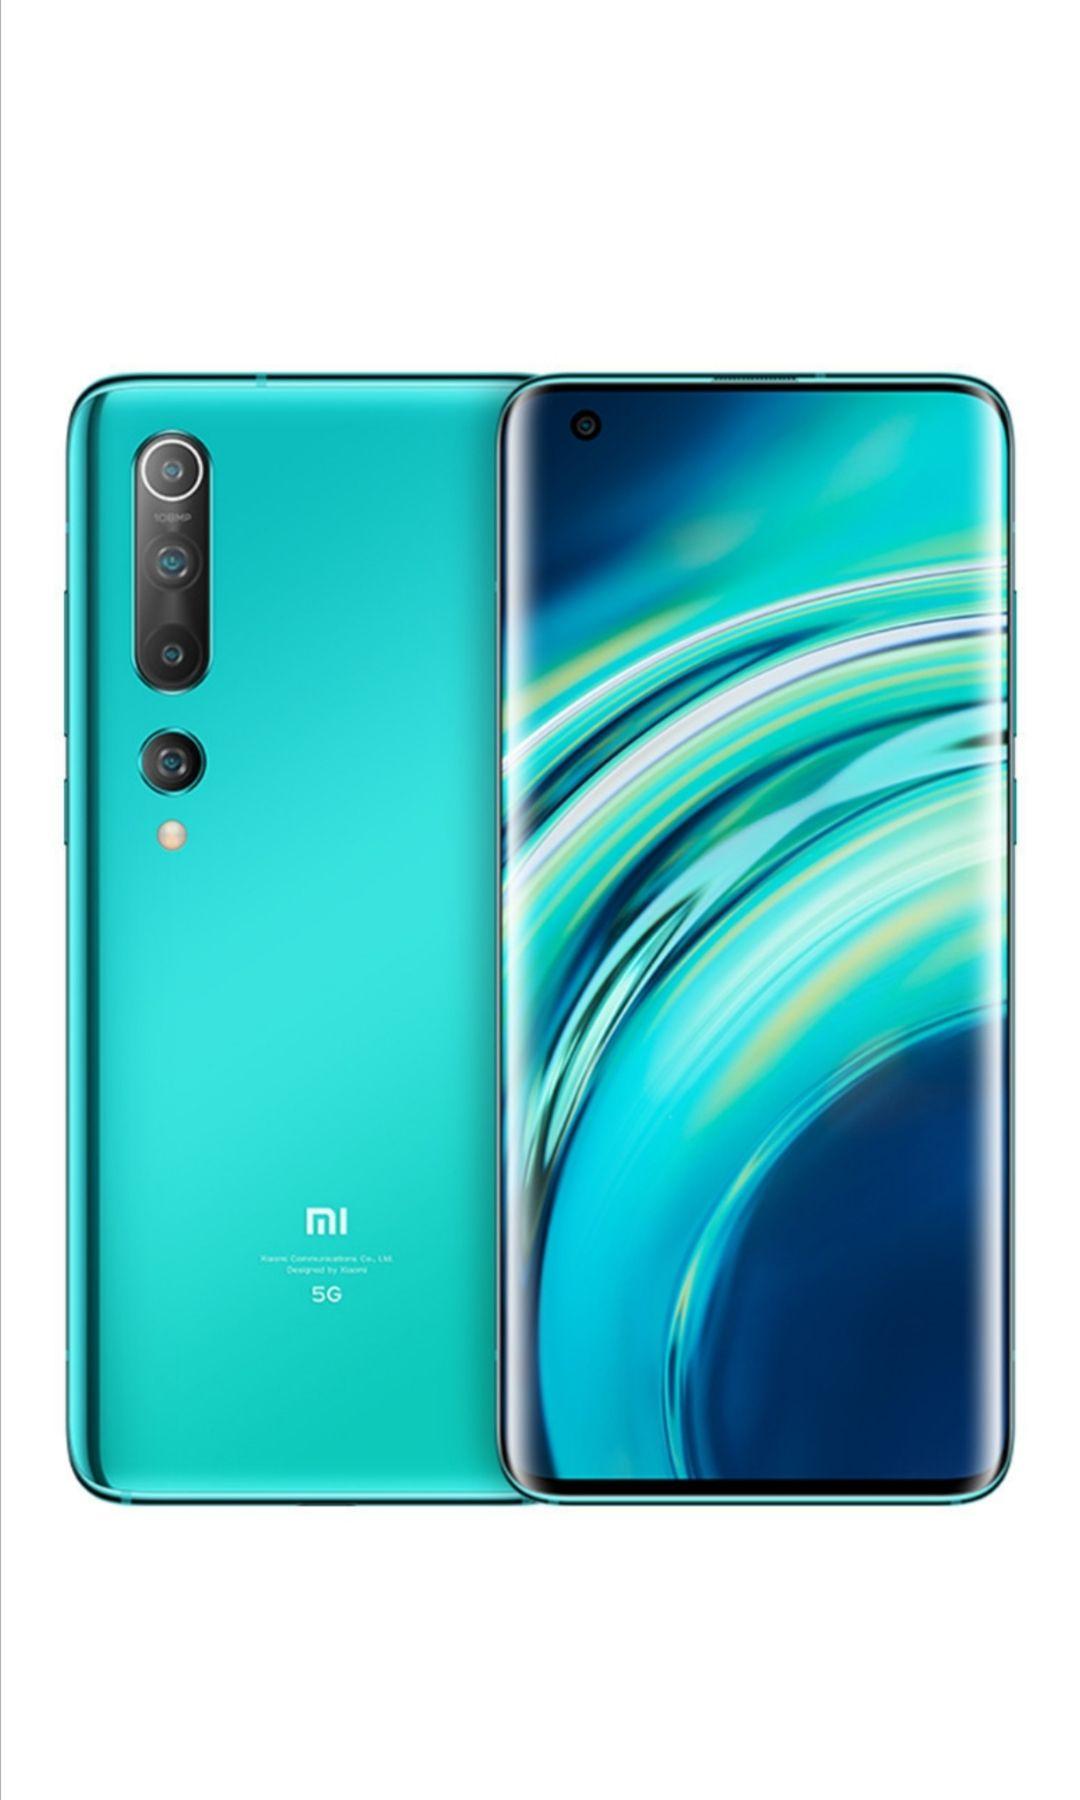 Xiaomi Mi 10 Coral Green oder Twilight Grey 128GB 5G 8GB RAM 108 Megapixel